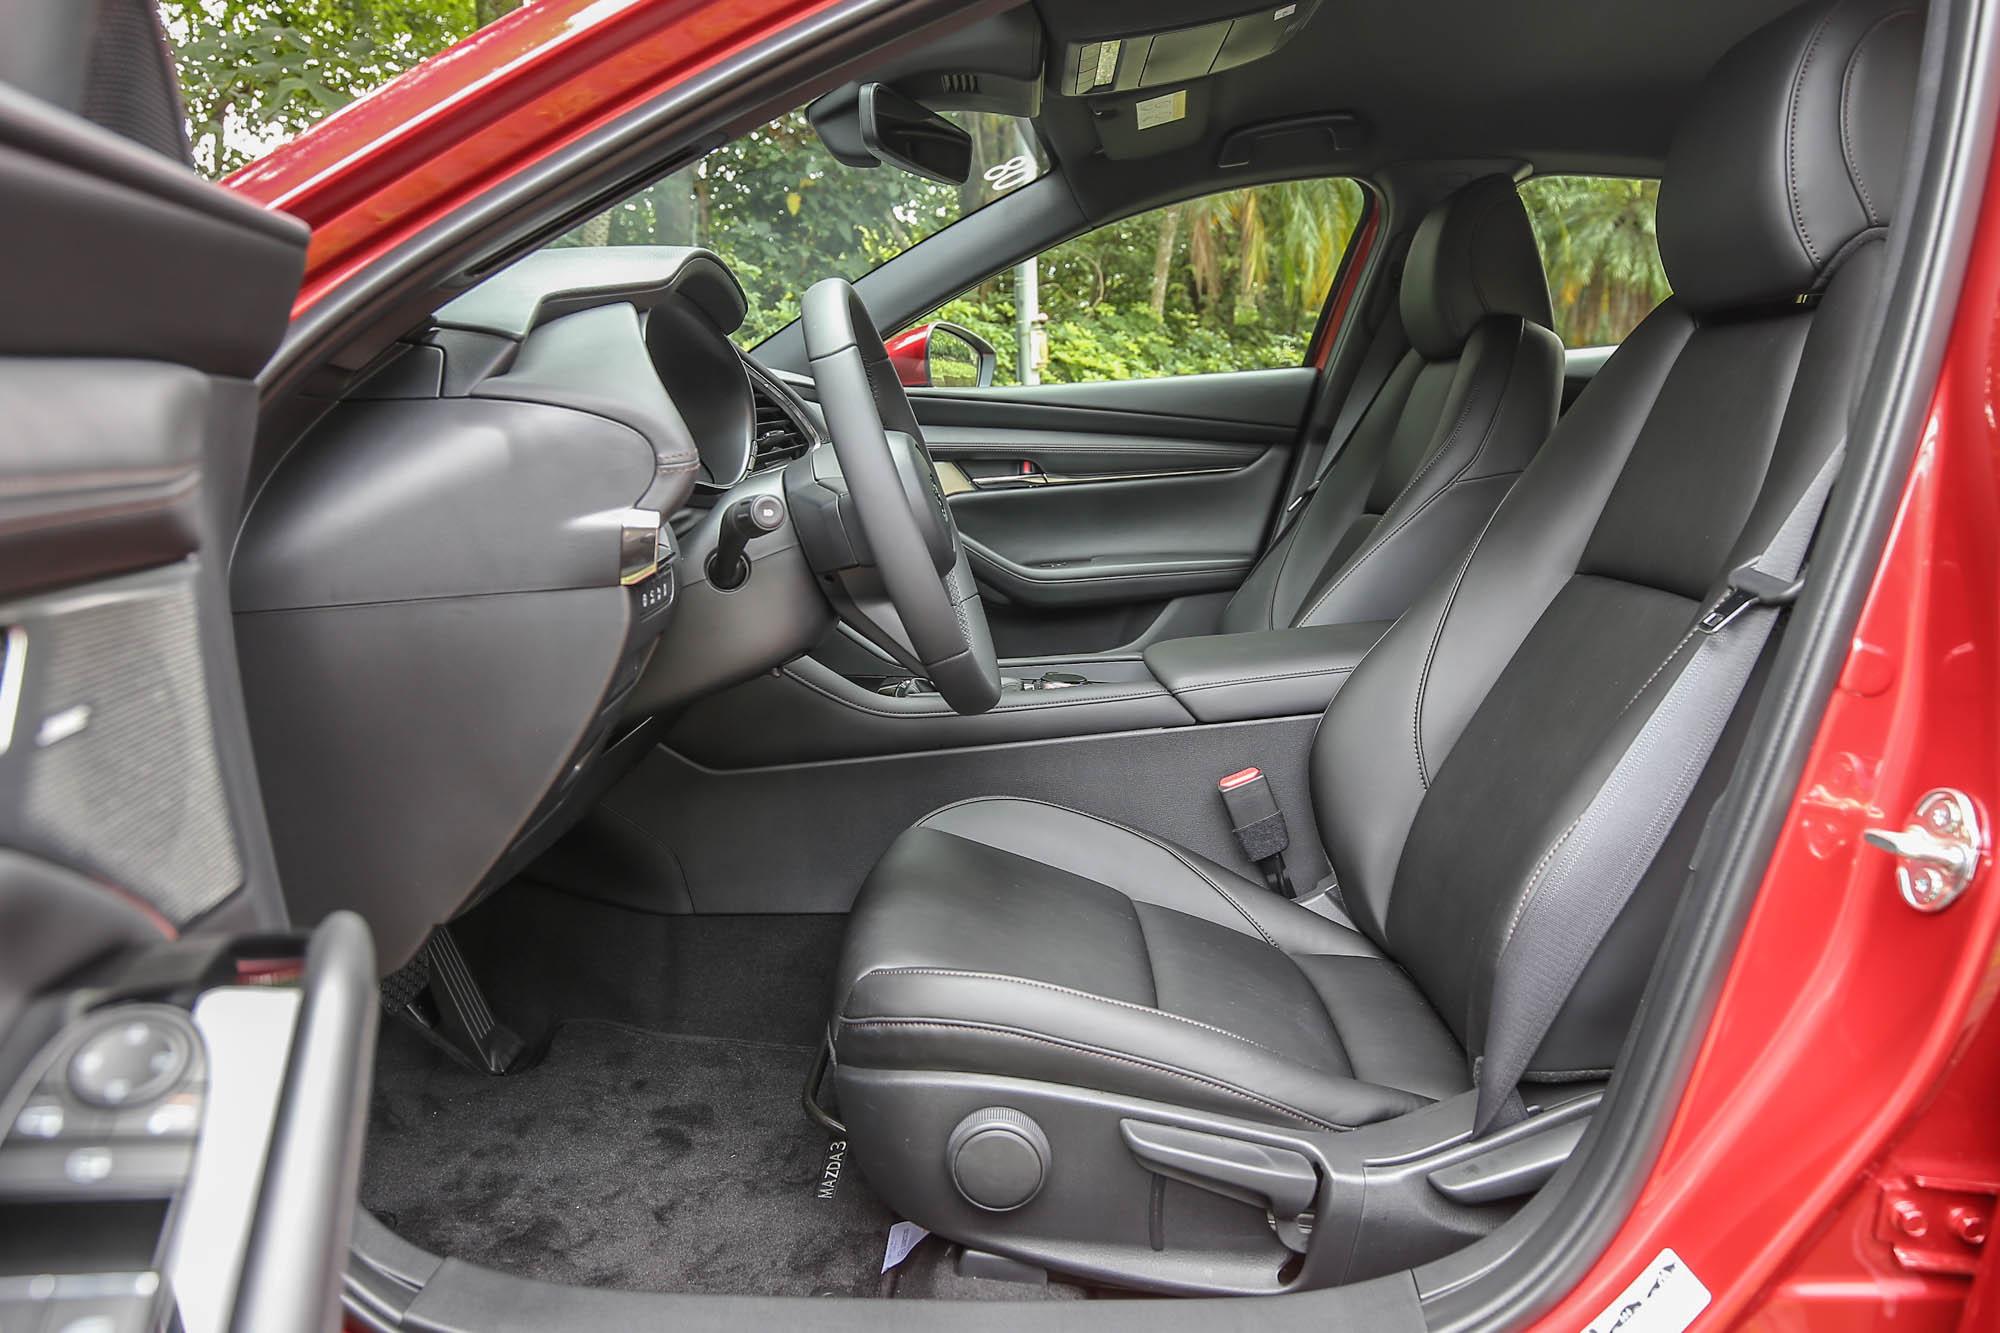 連最頂級的五門 Mazda3 BOSE® 旗艦型都沒有電動座椅,絕對會是 Mazda3 在市場中被消費者詬病的弱項之一。